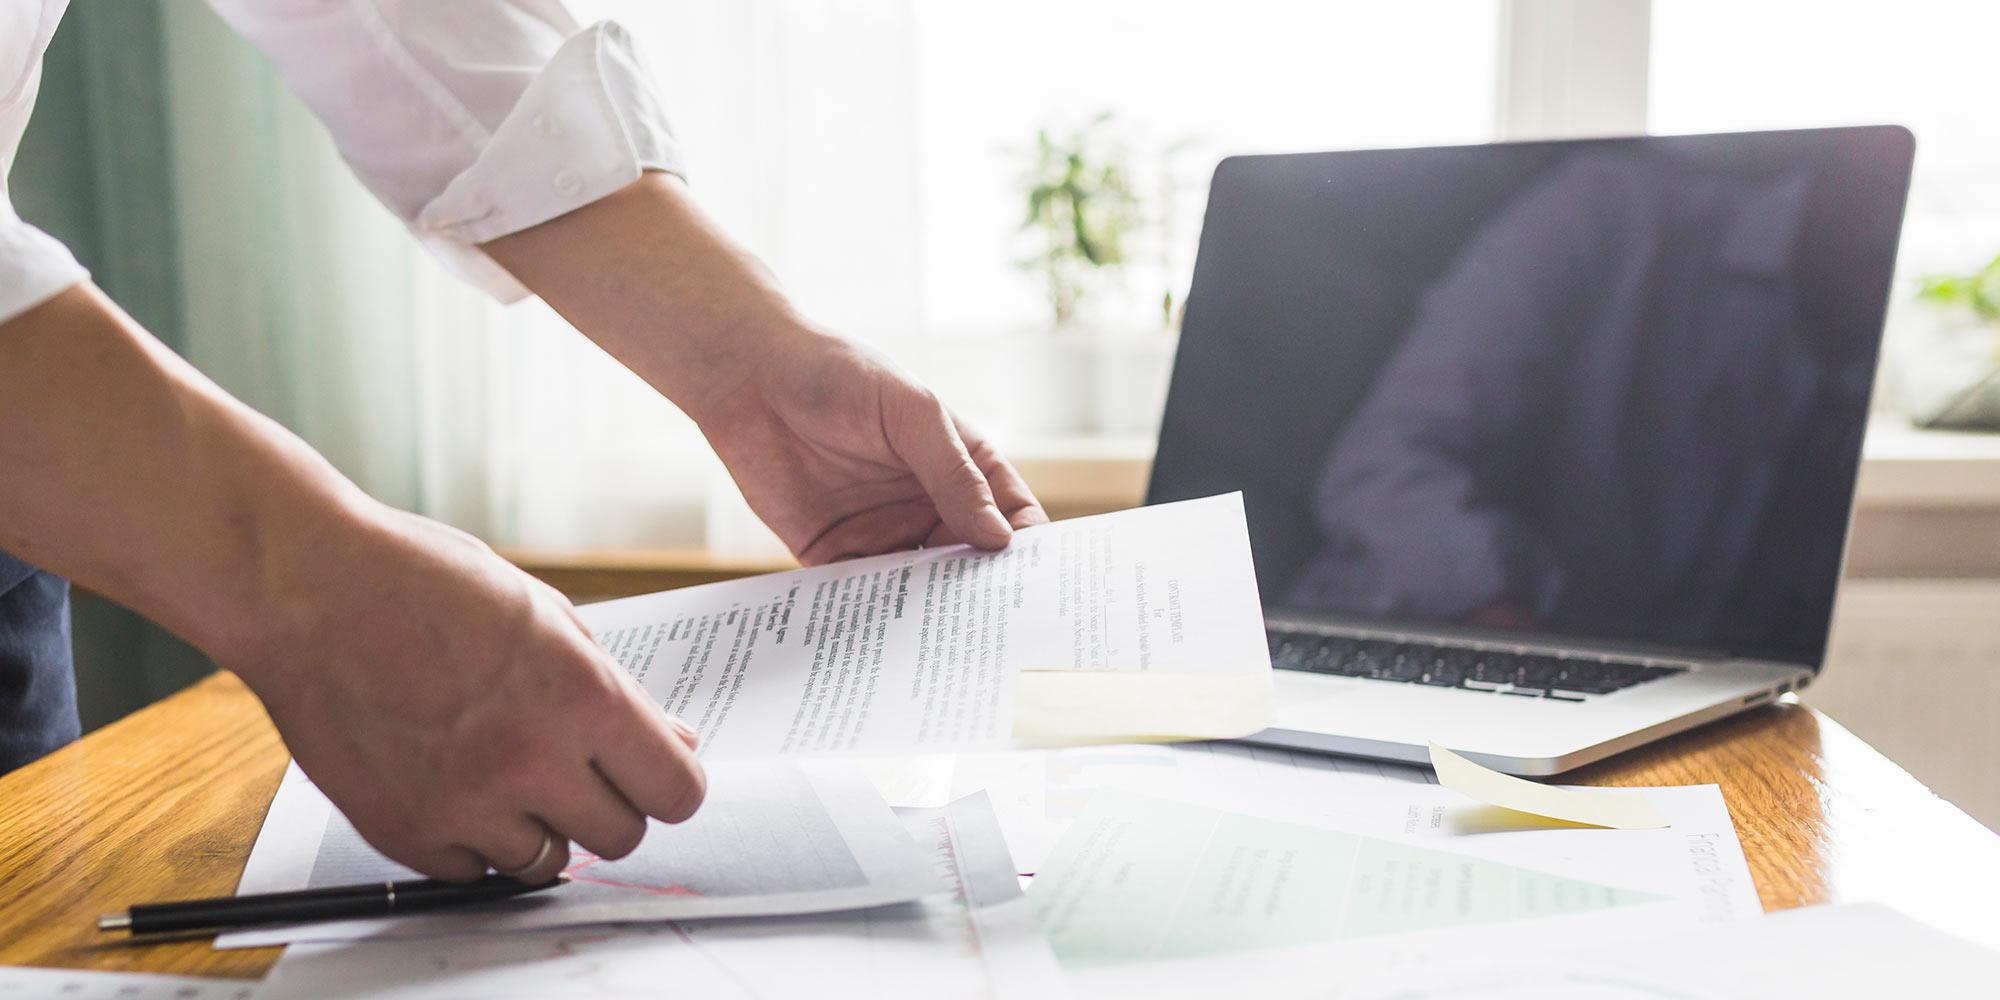 Entenda por que usar documentos jurídicos prontos é essencial